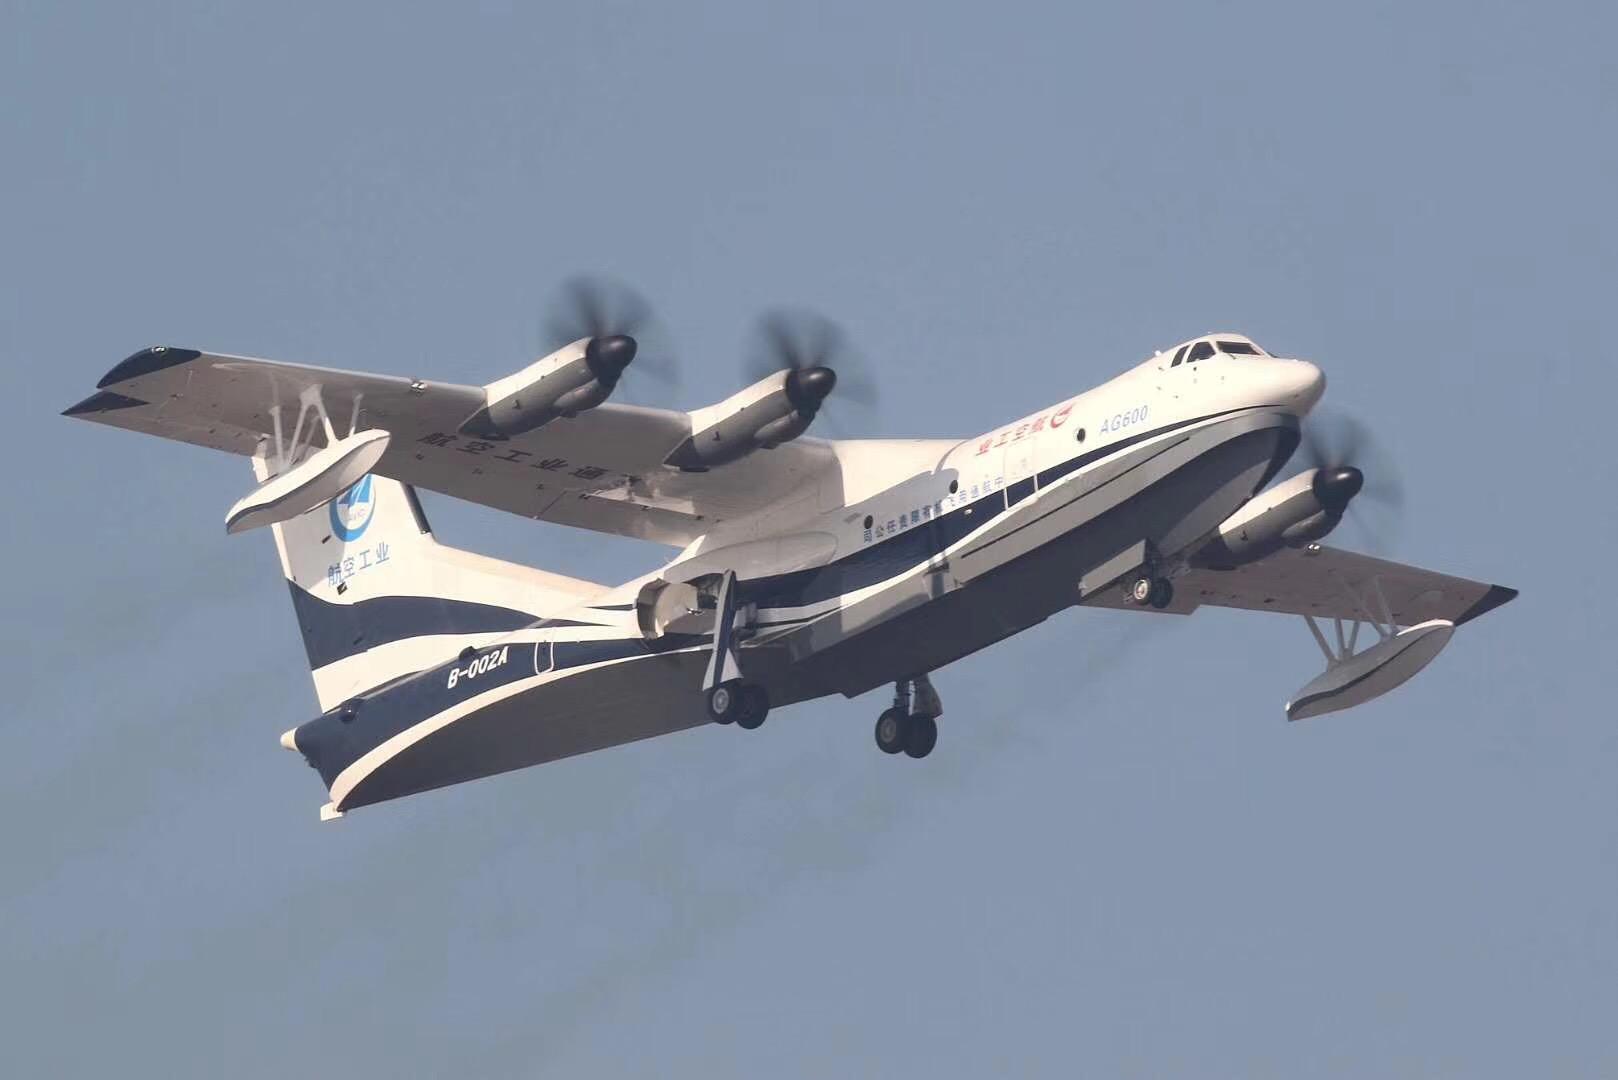 刚刚,中航工业研制世界最大水陆两栖飞机首飞成功